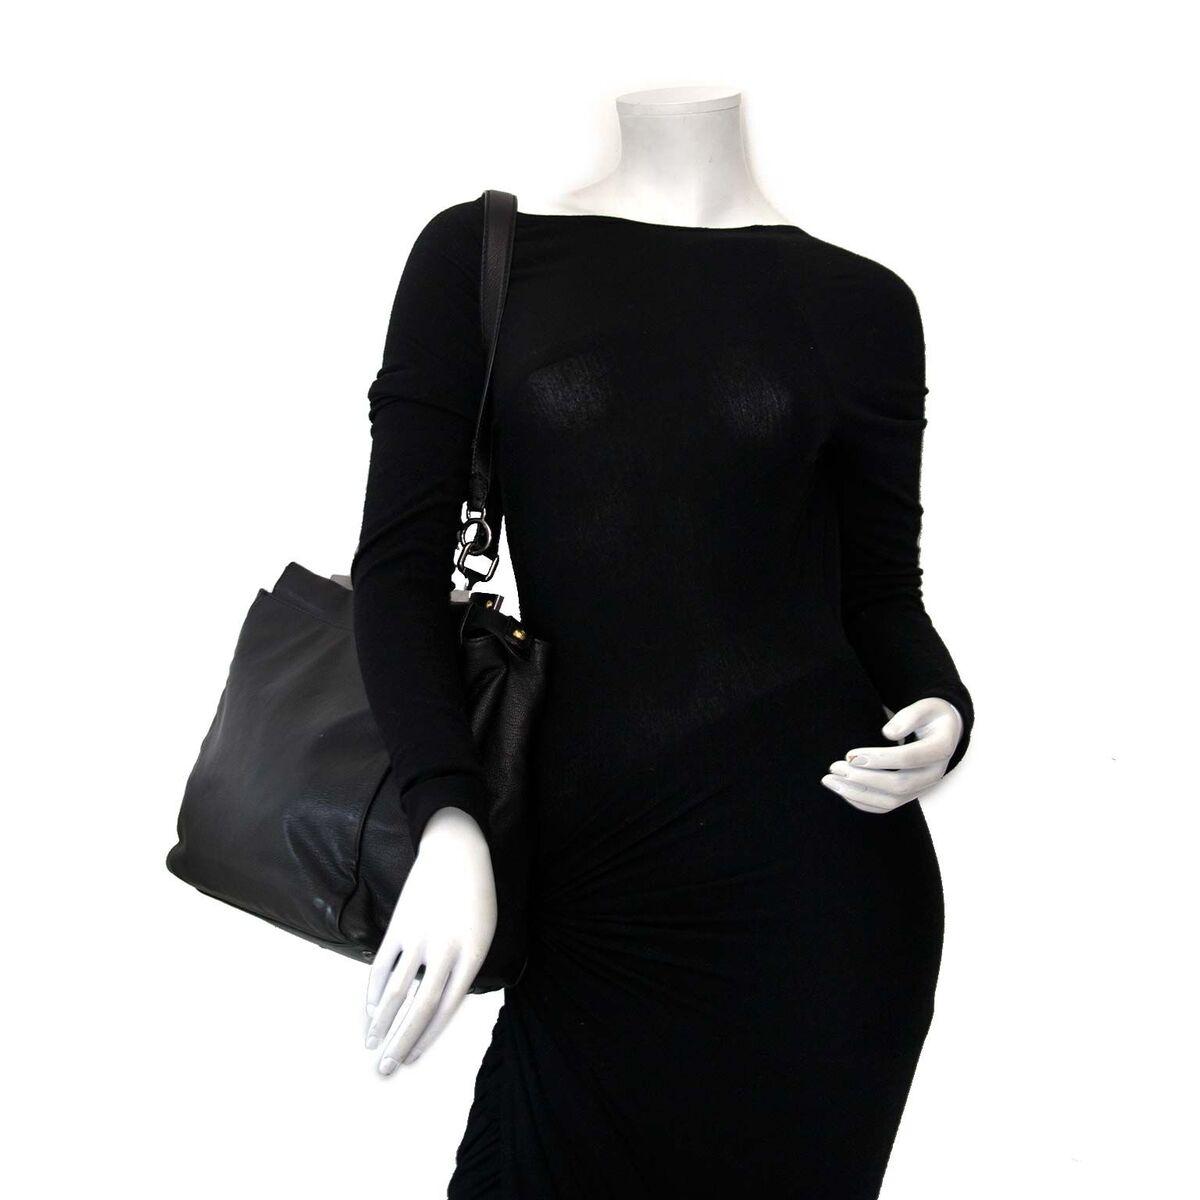 Koop authentieke tweedehands Fendi Peekaboo in het zwart aan een eerlijke prijs bij LabelLOV. Veilig online shoppen.